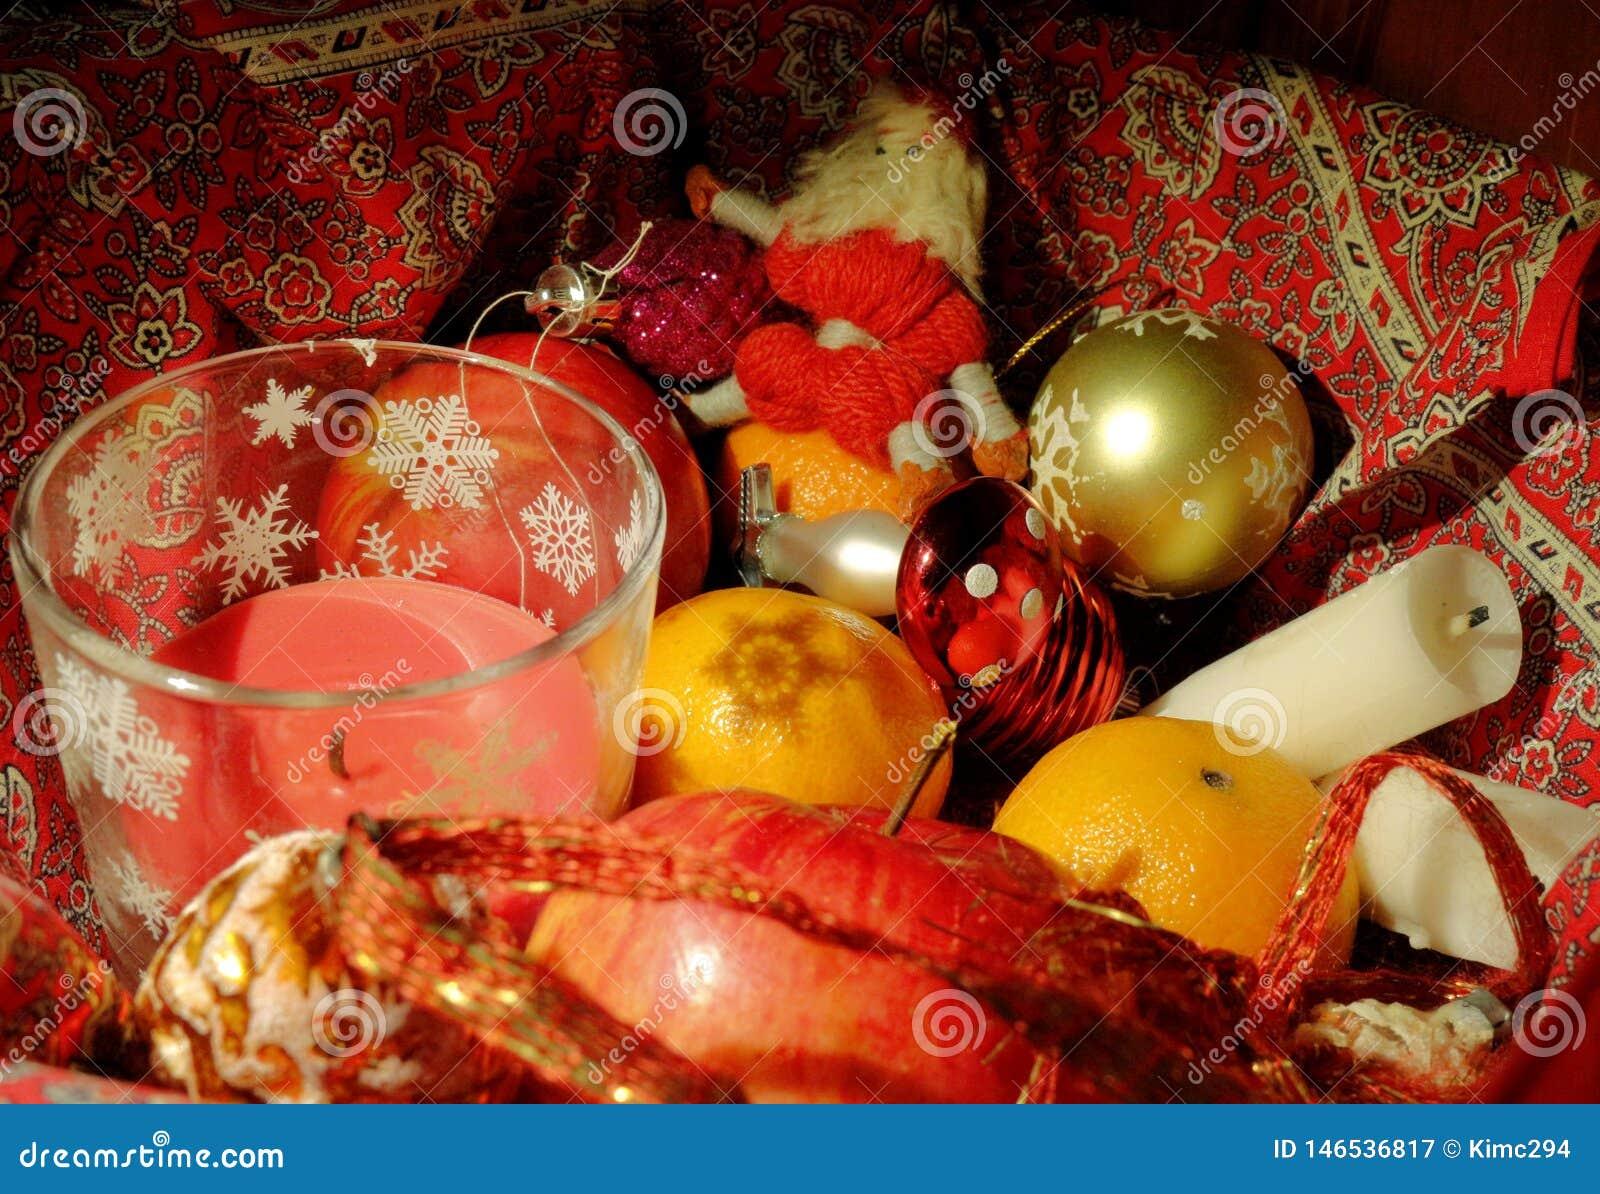 Σύνθεση Χριστουγέννων με τα φρούτα, τα κεριά και το ντεκόρ Χριστουγέννων